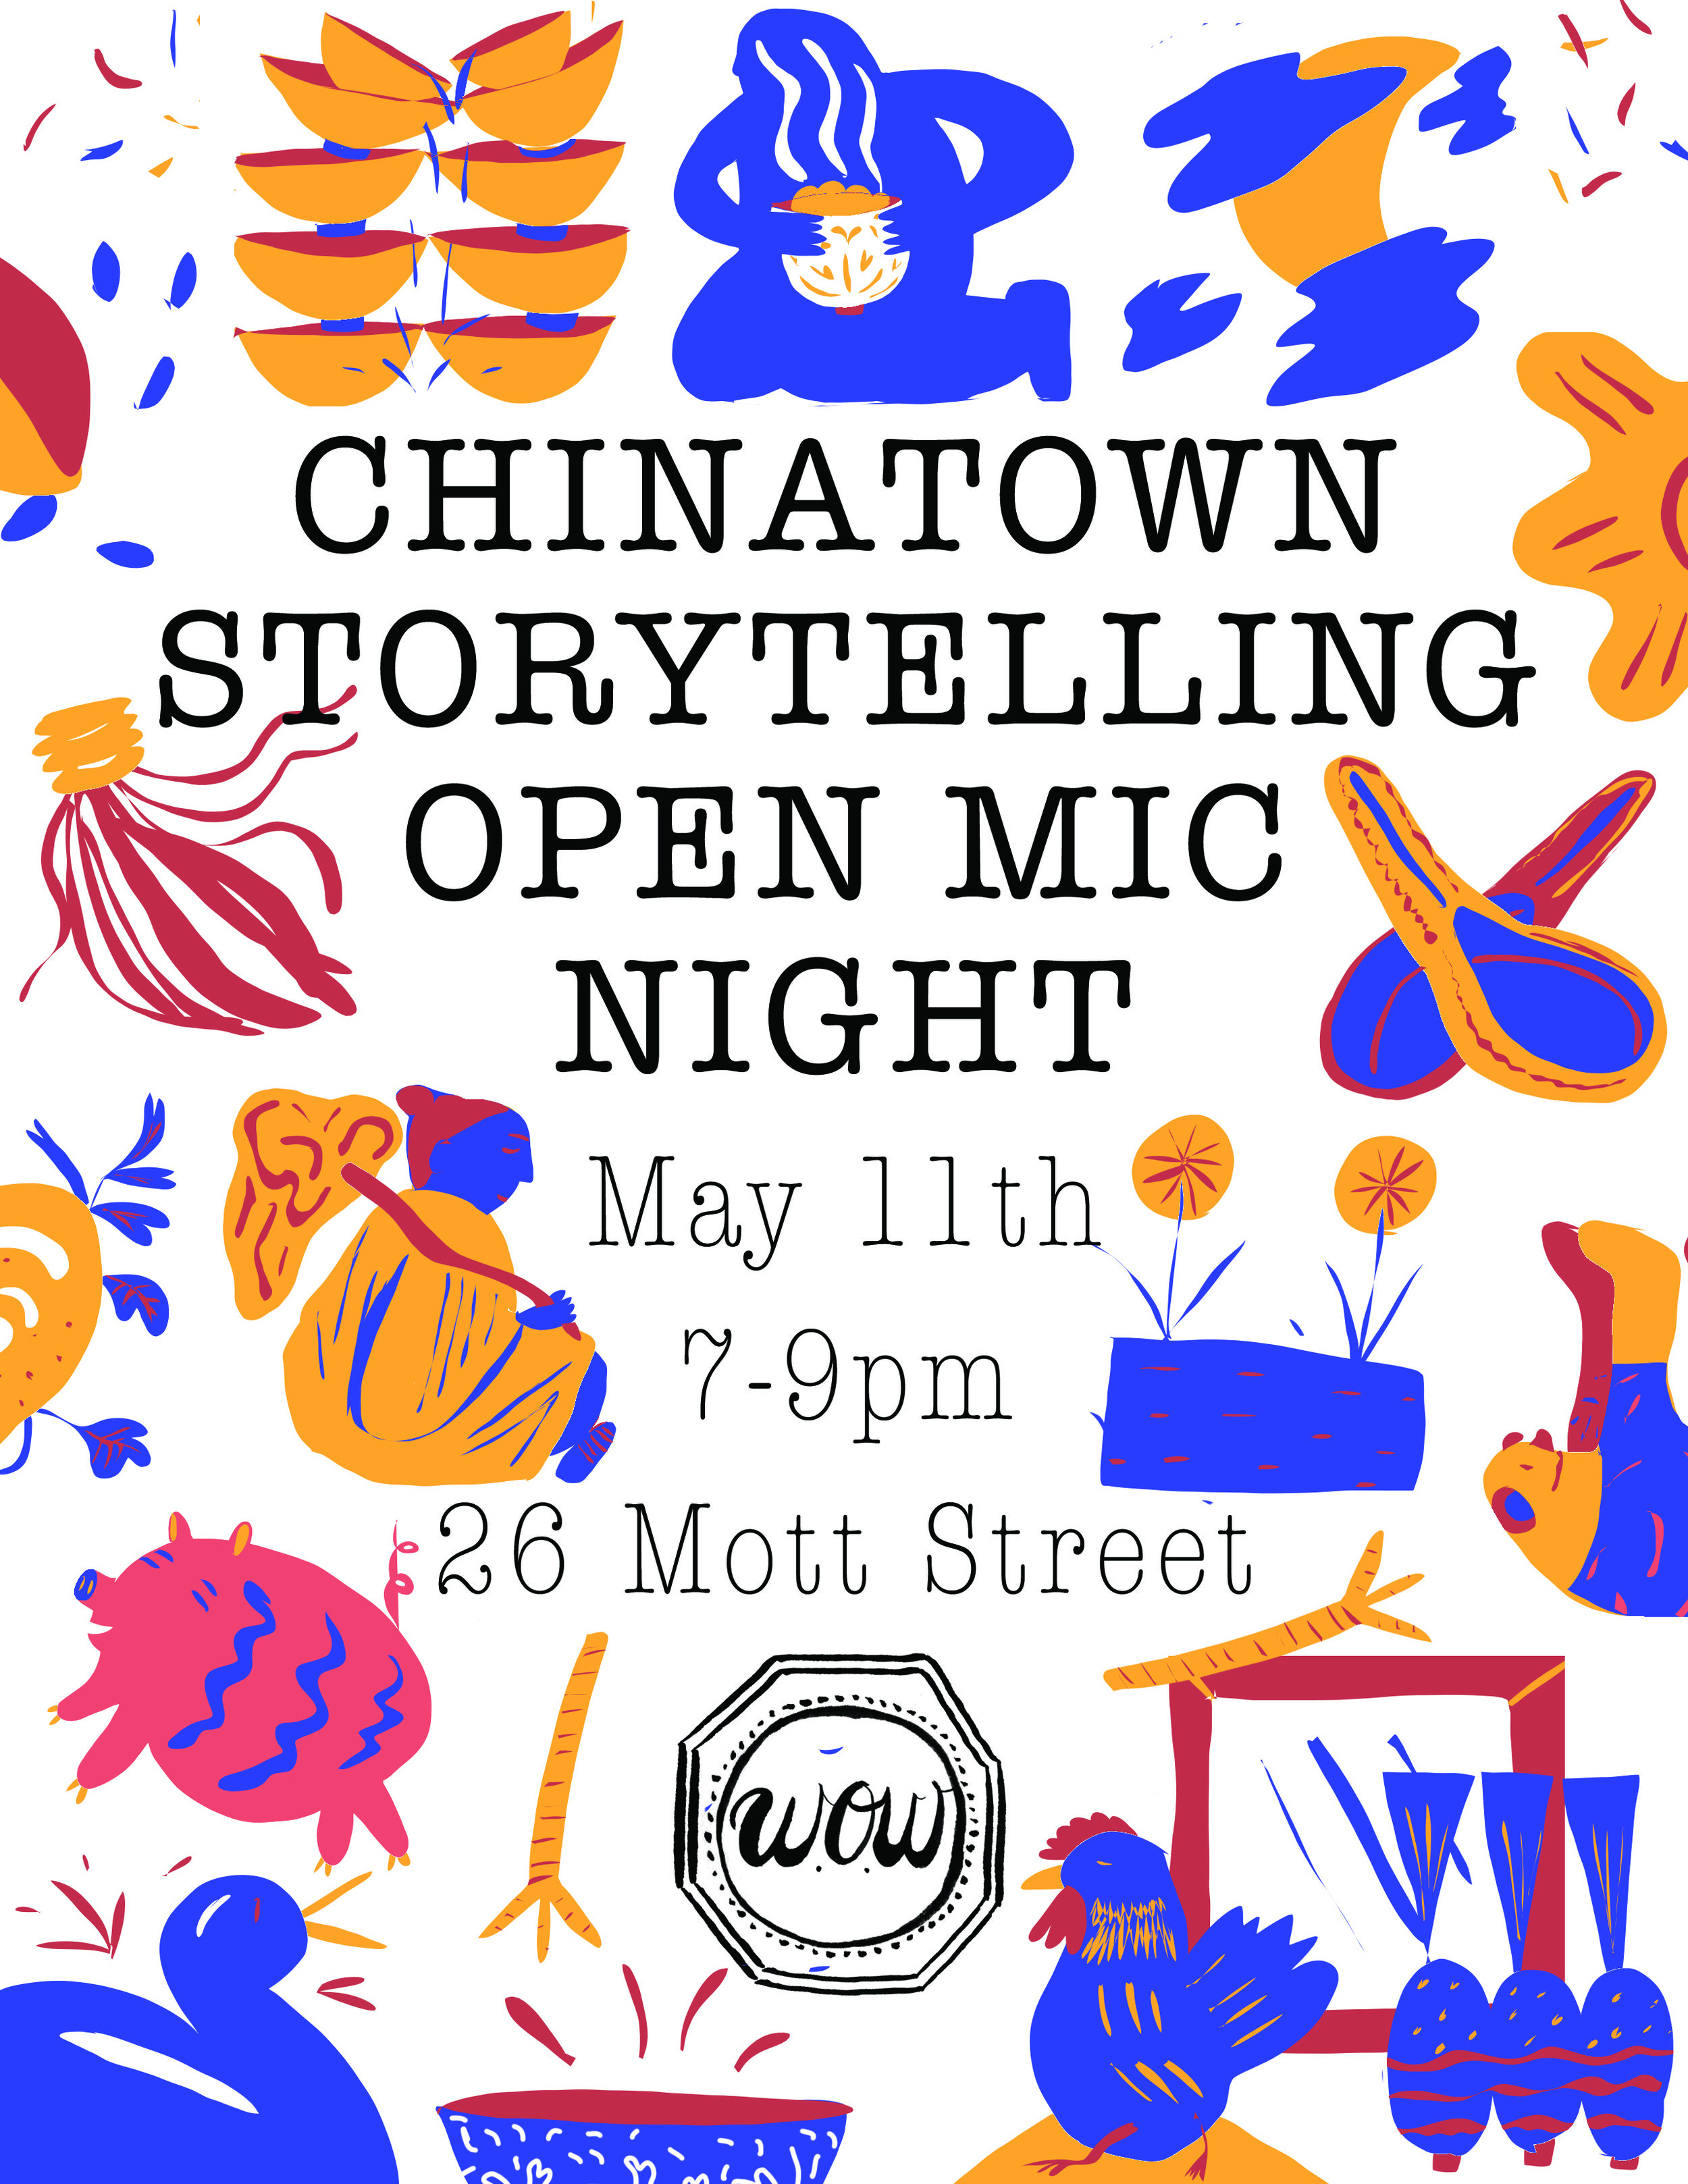 chinatown storytelling open mic night.jpg